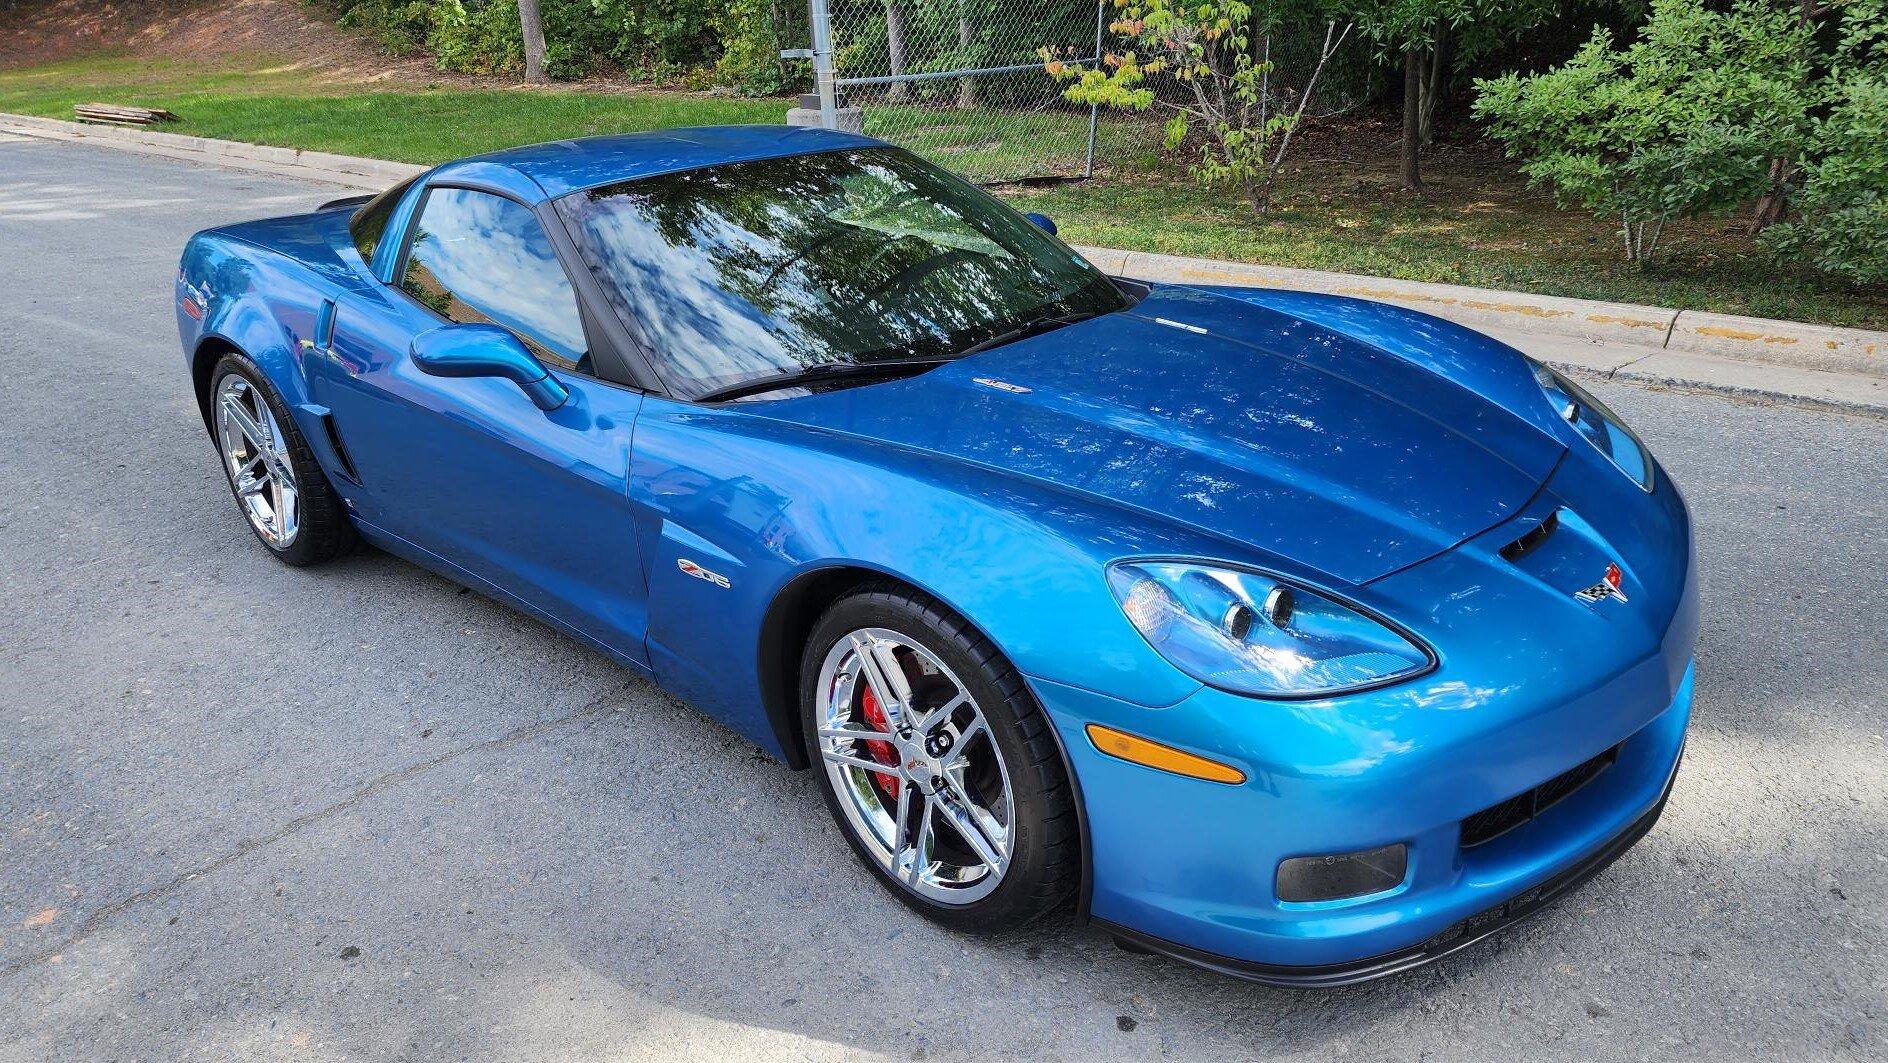 Corvettes For Sale In Md >> Corvette Dealer Corvette Dealer Manassas Va Cooper Corvettes